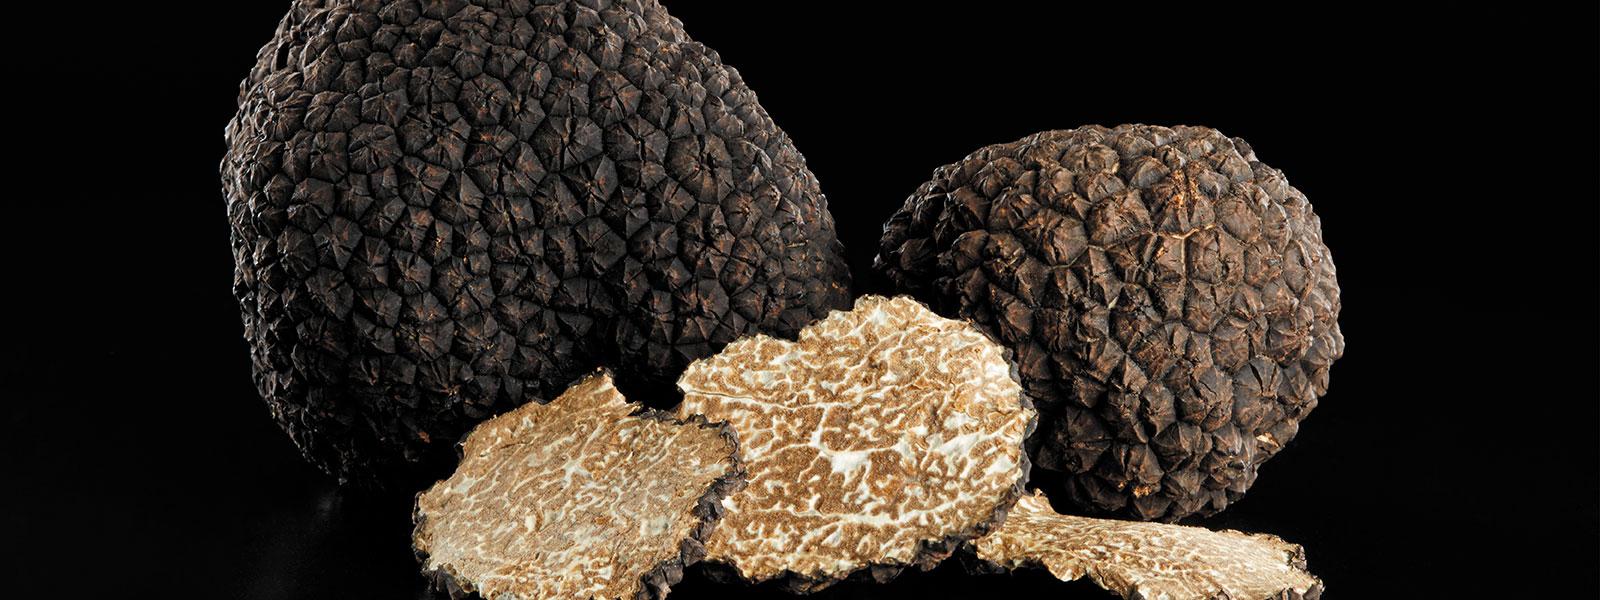 Trüffelknollen mit Trüffelstückchen auf schwarzem Hintergrund